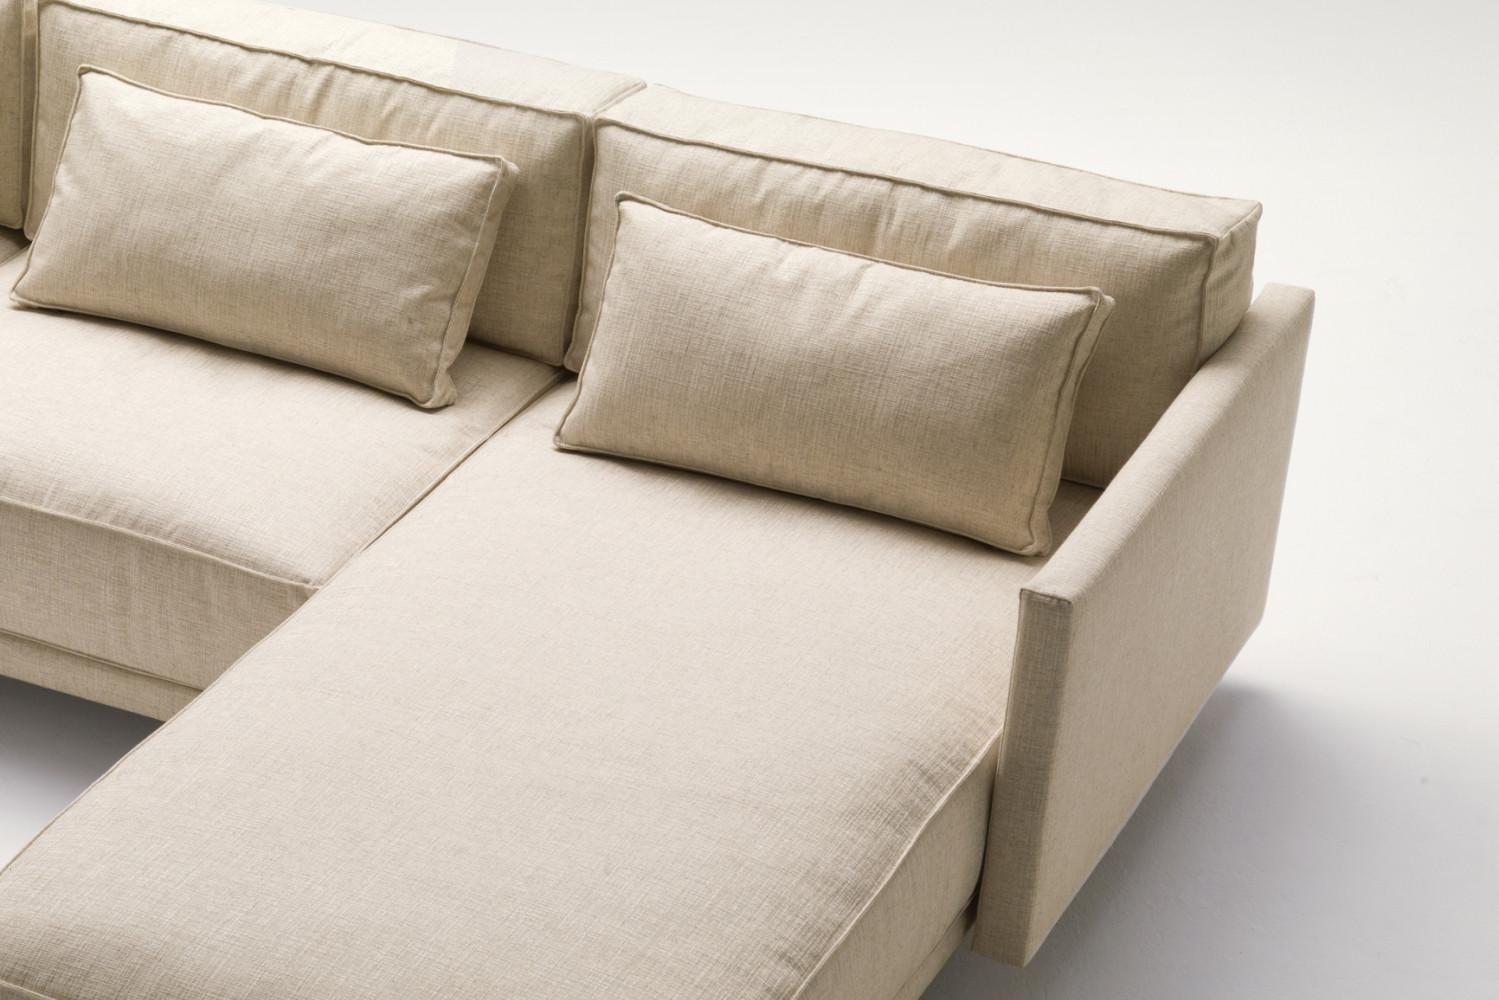 Cuscini di schienale per divano in piuma dennis for Divano cuscini